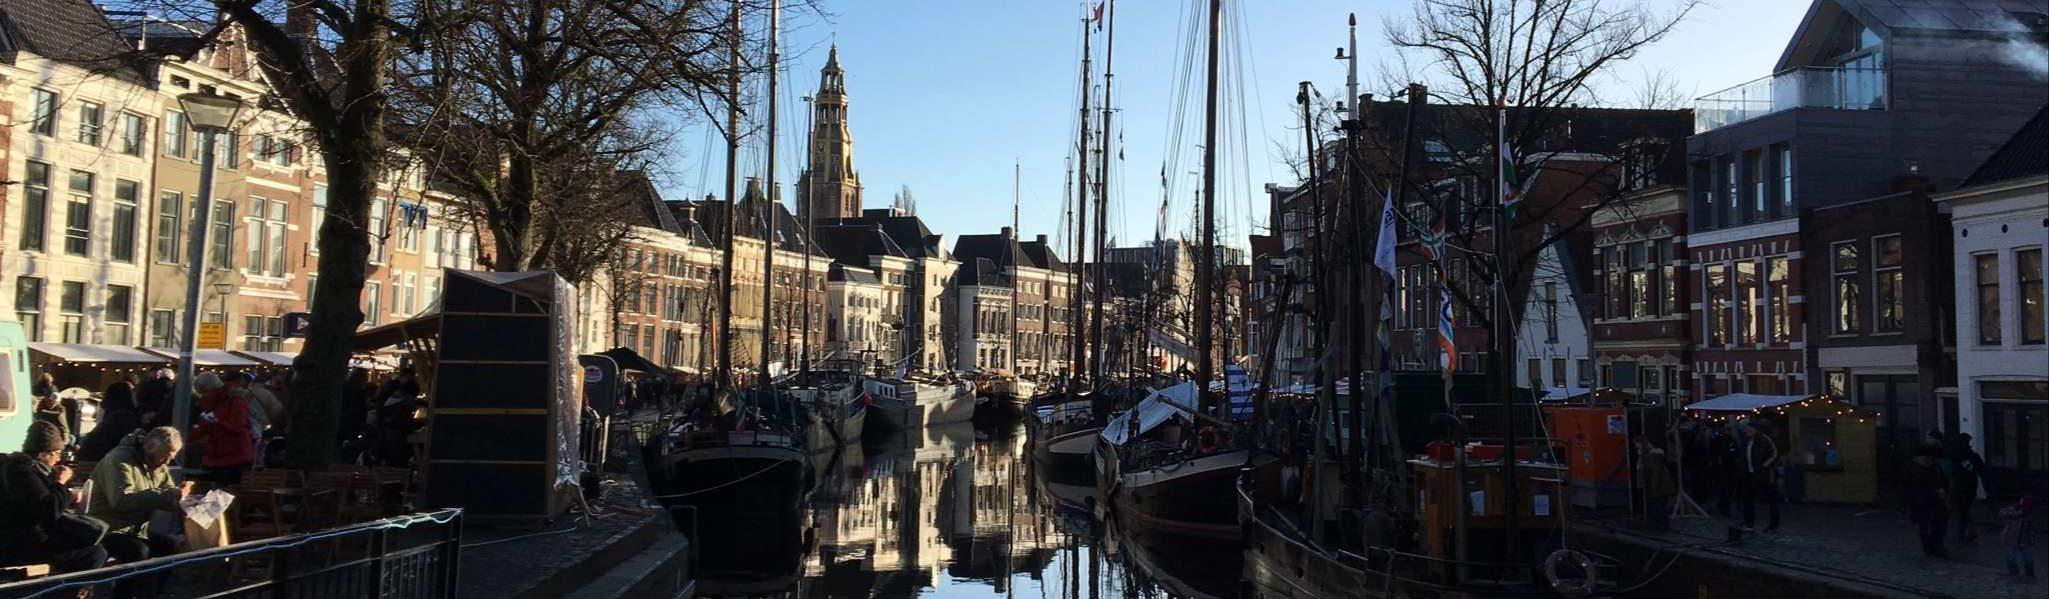 Groningen - Winterwelvaart - Schiffe auf der A, von der Vissersbrug aus